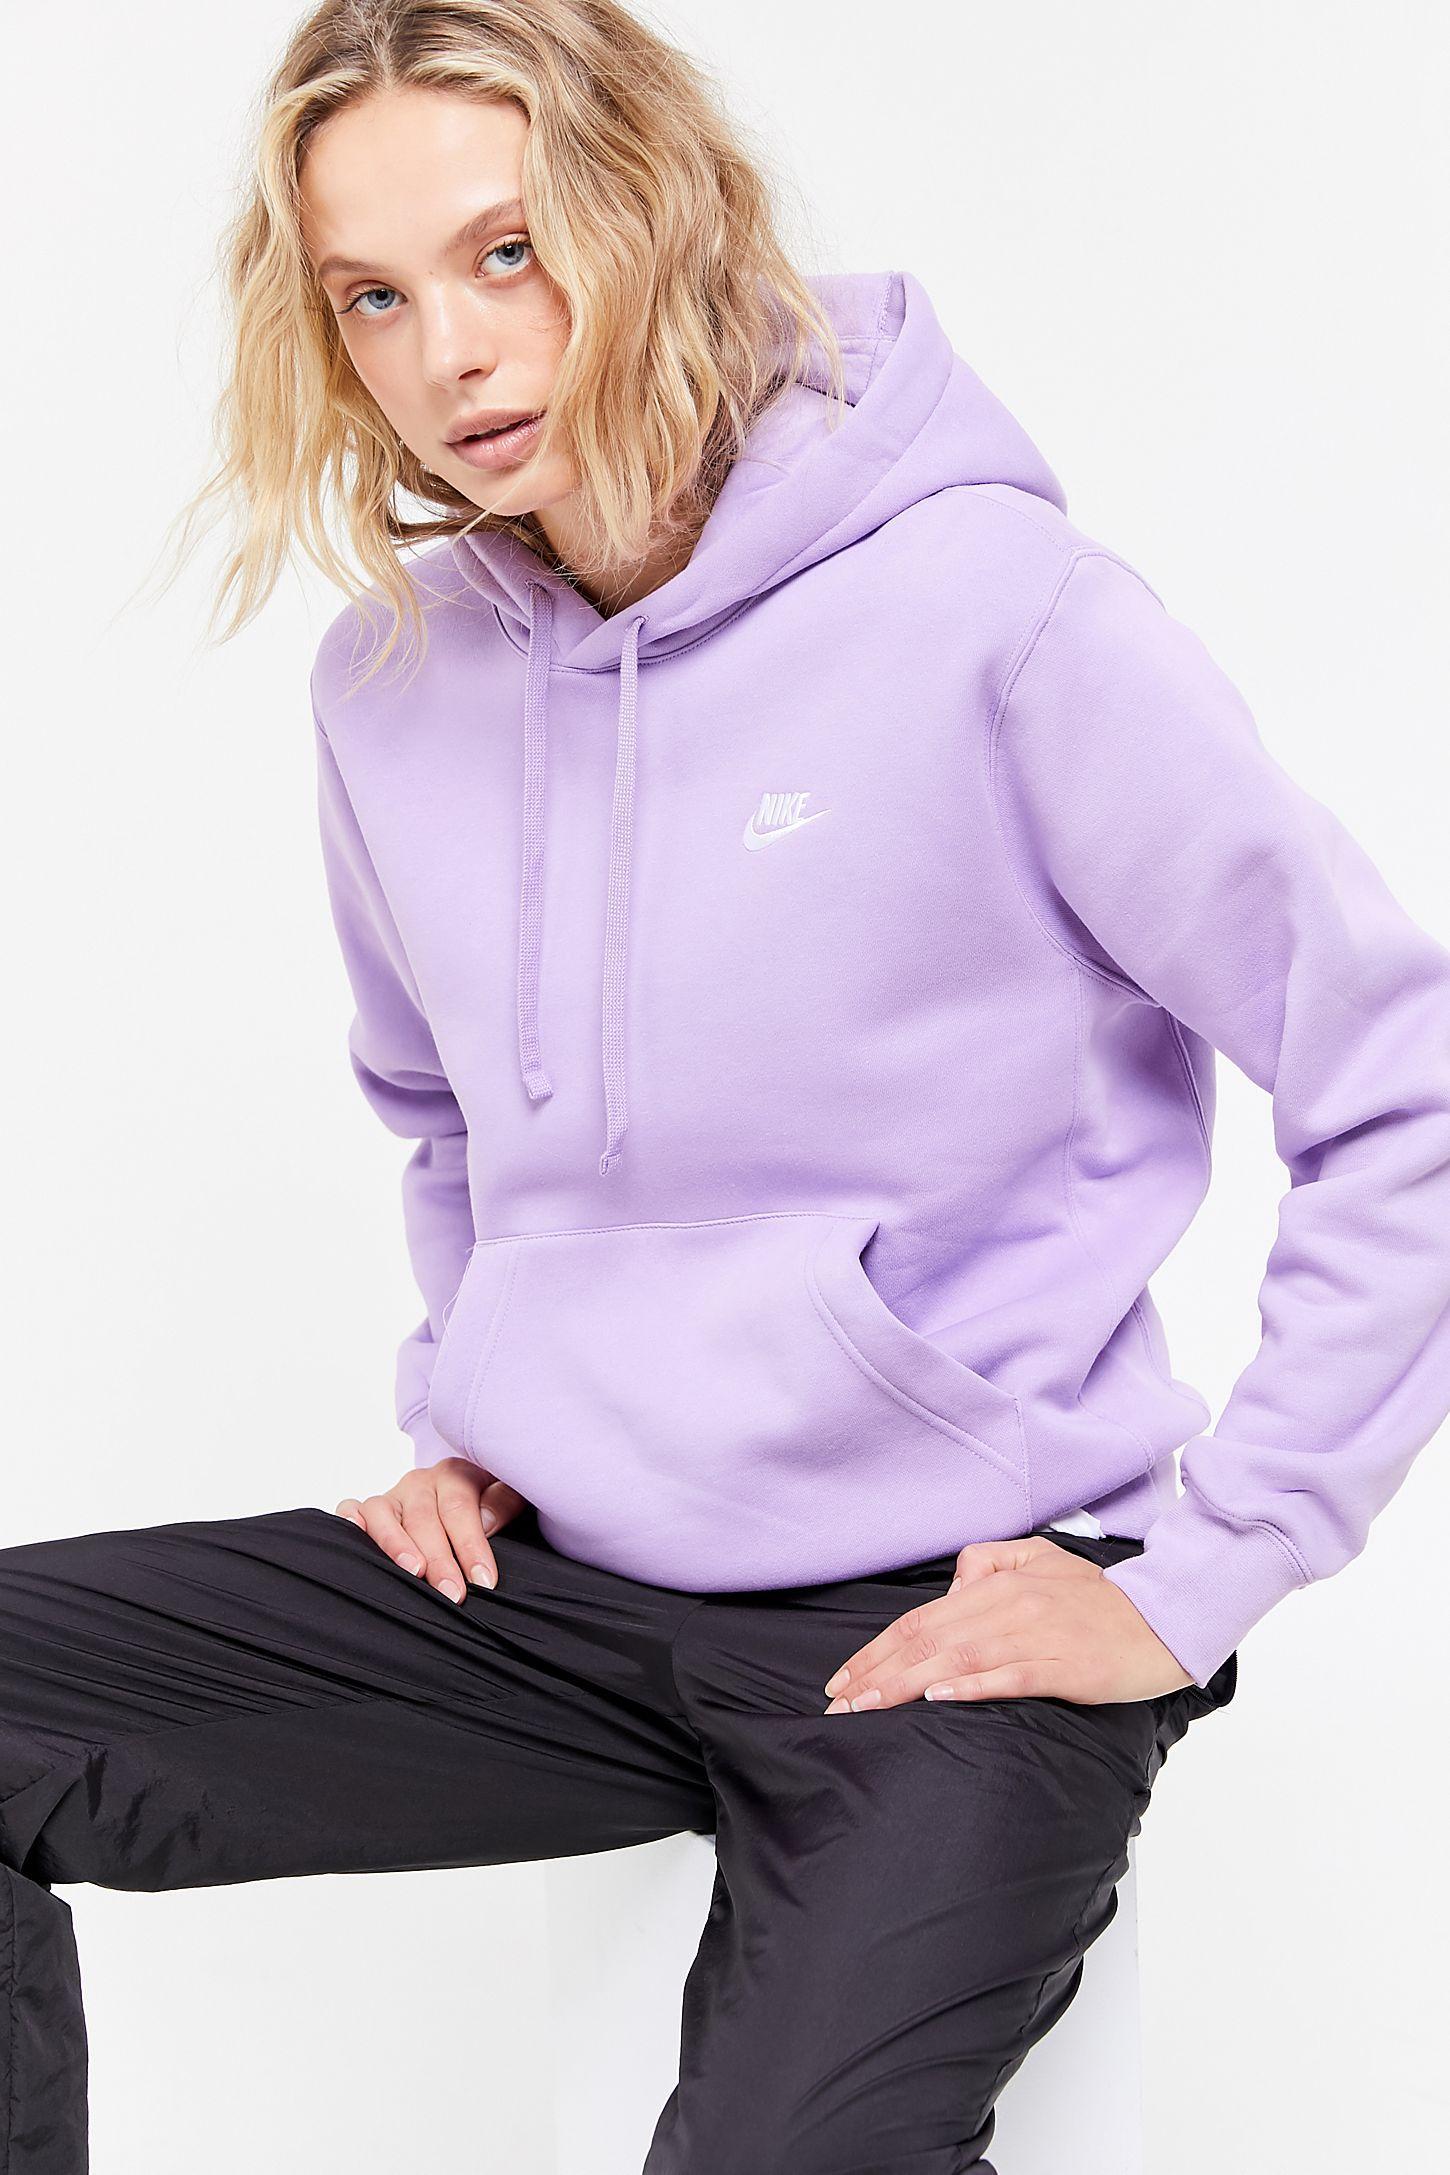 Nike Swoosh Hoodie Sweatshirt Nike Hoodie Outfit Stylish Hoodies Hoodies [ 2175 x 1450 Pixel ]